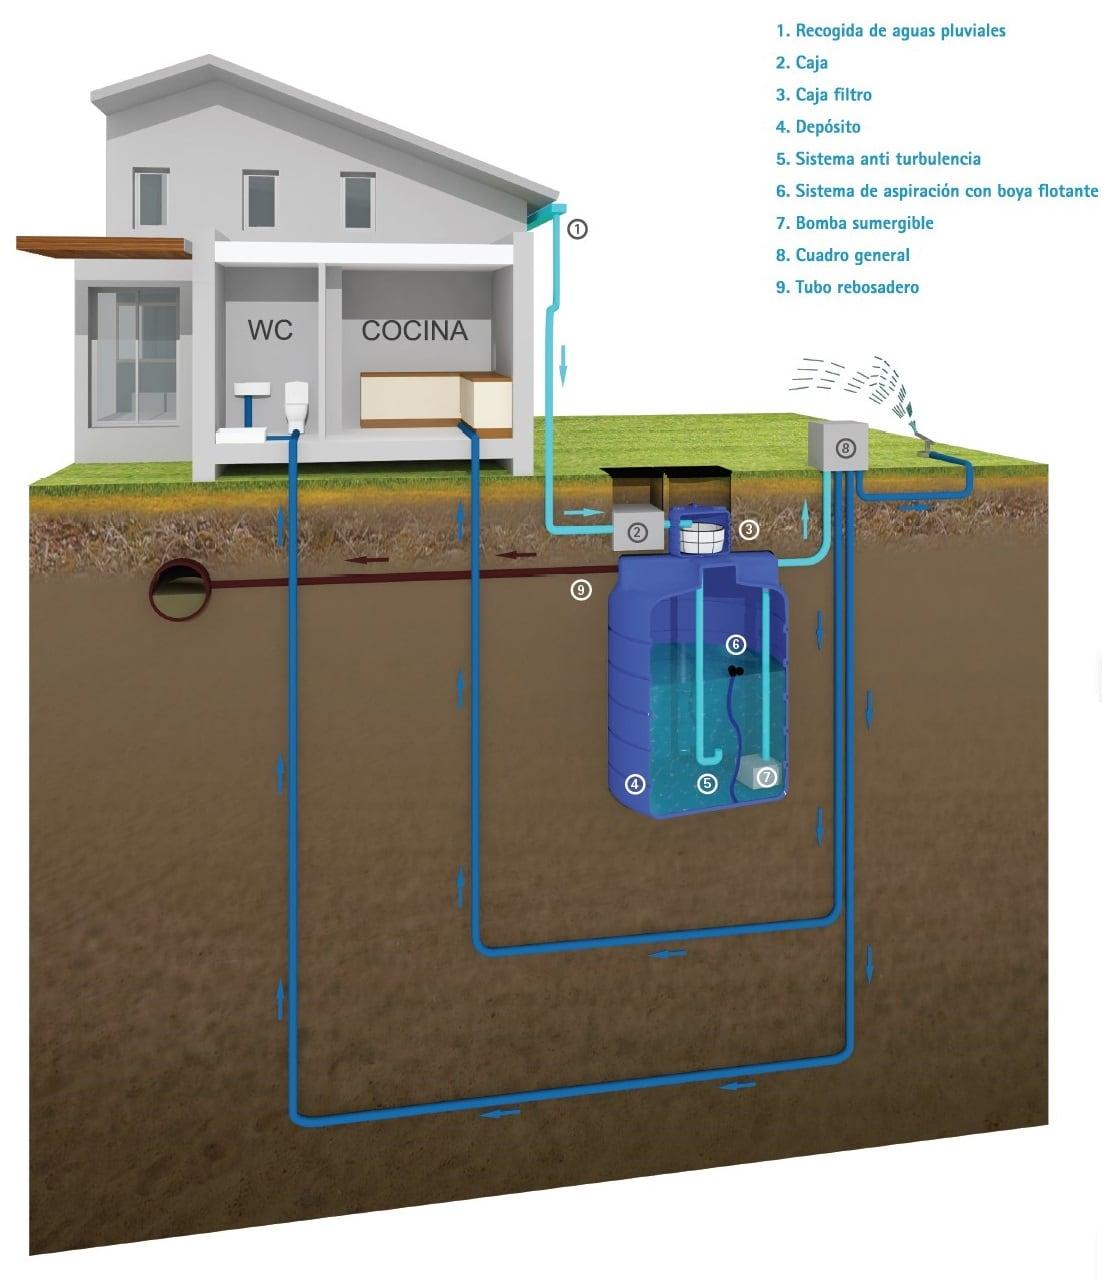 sistema_reciclaje_agua_lluvia